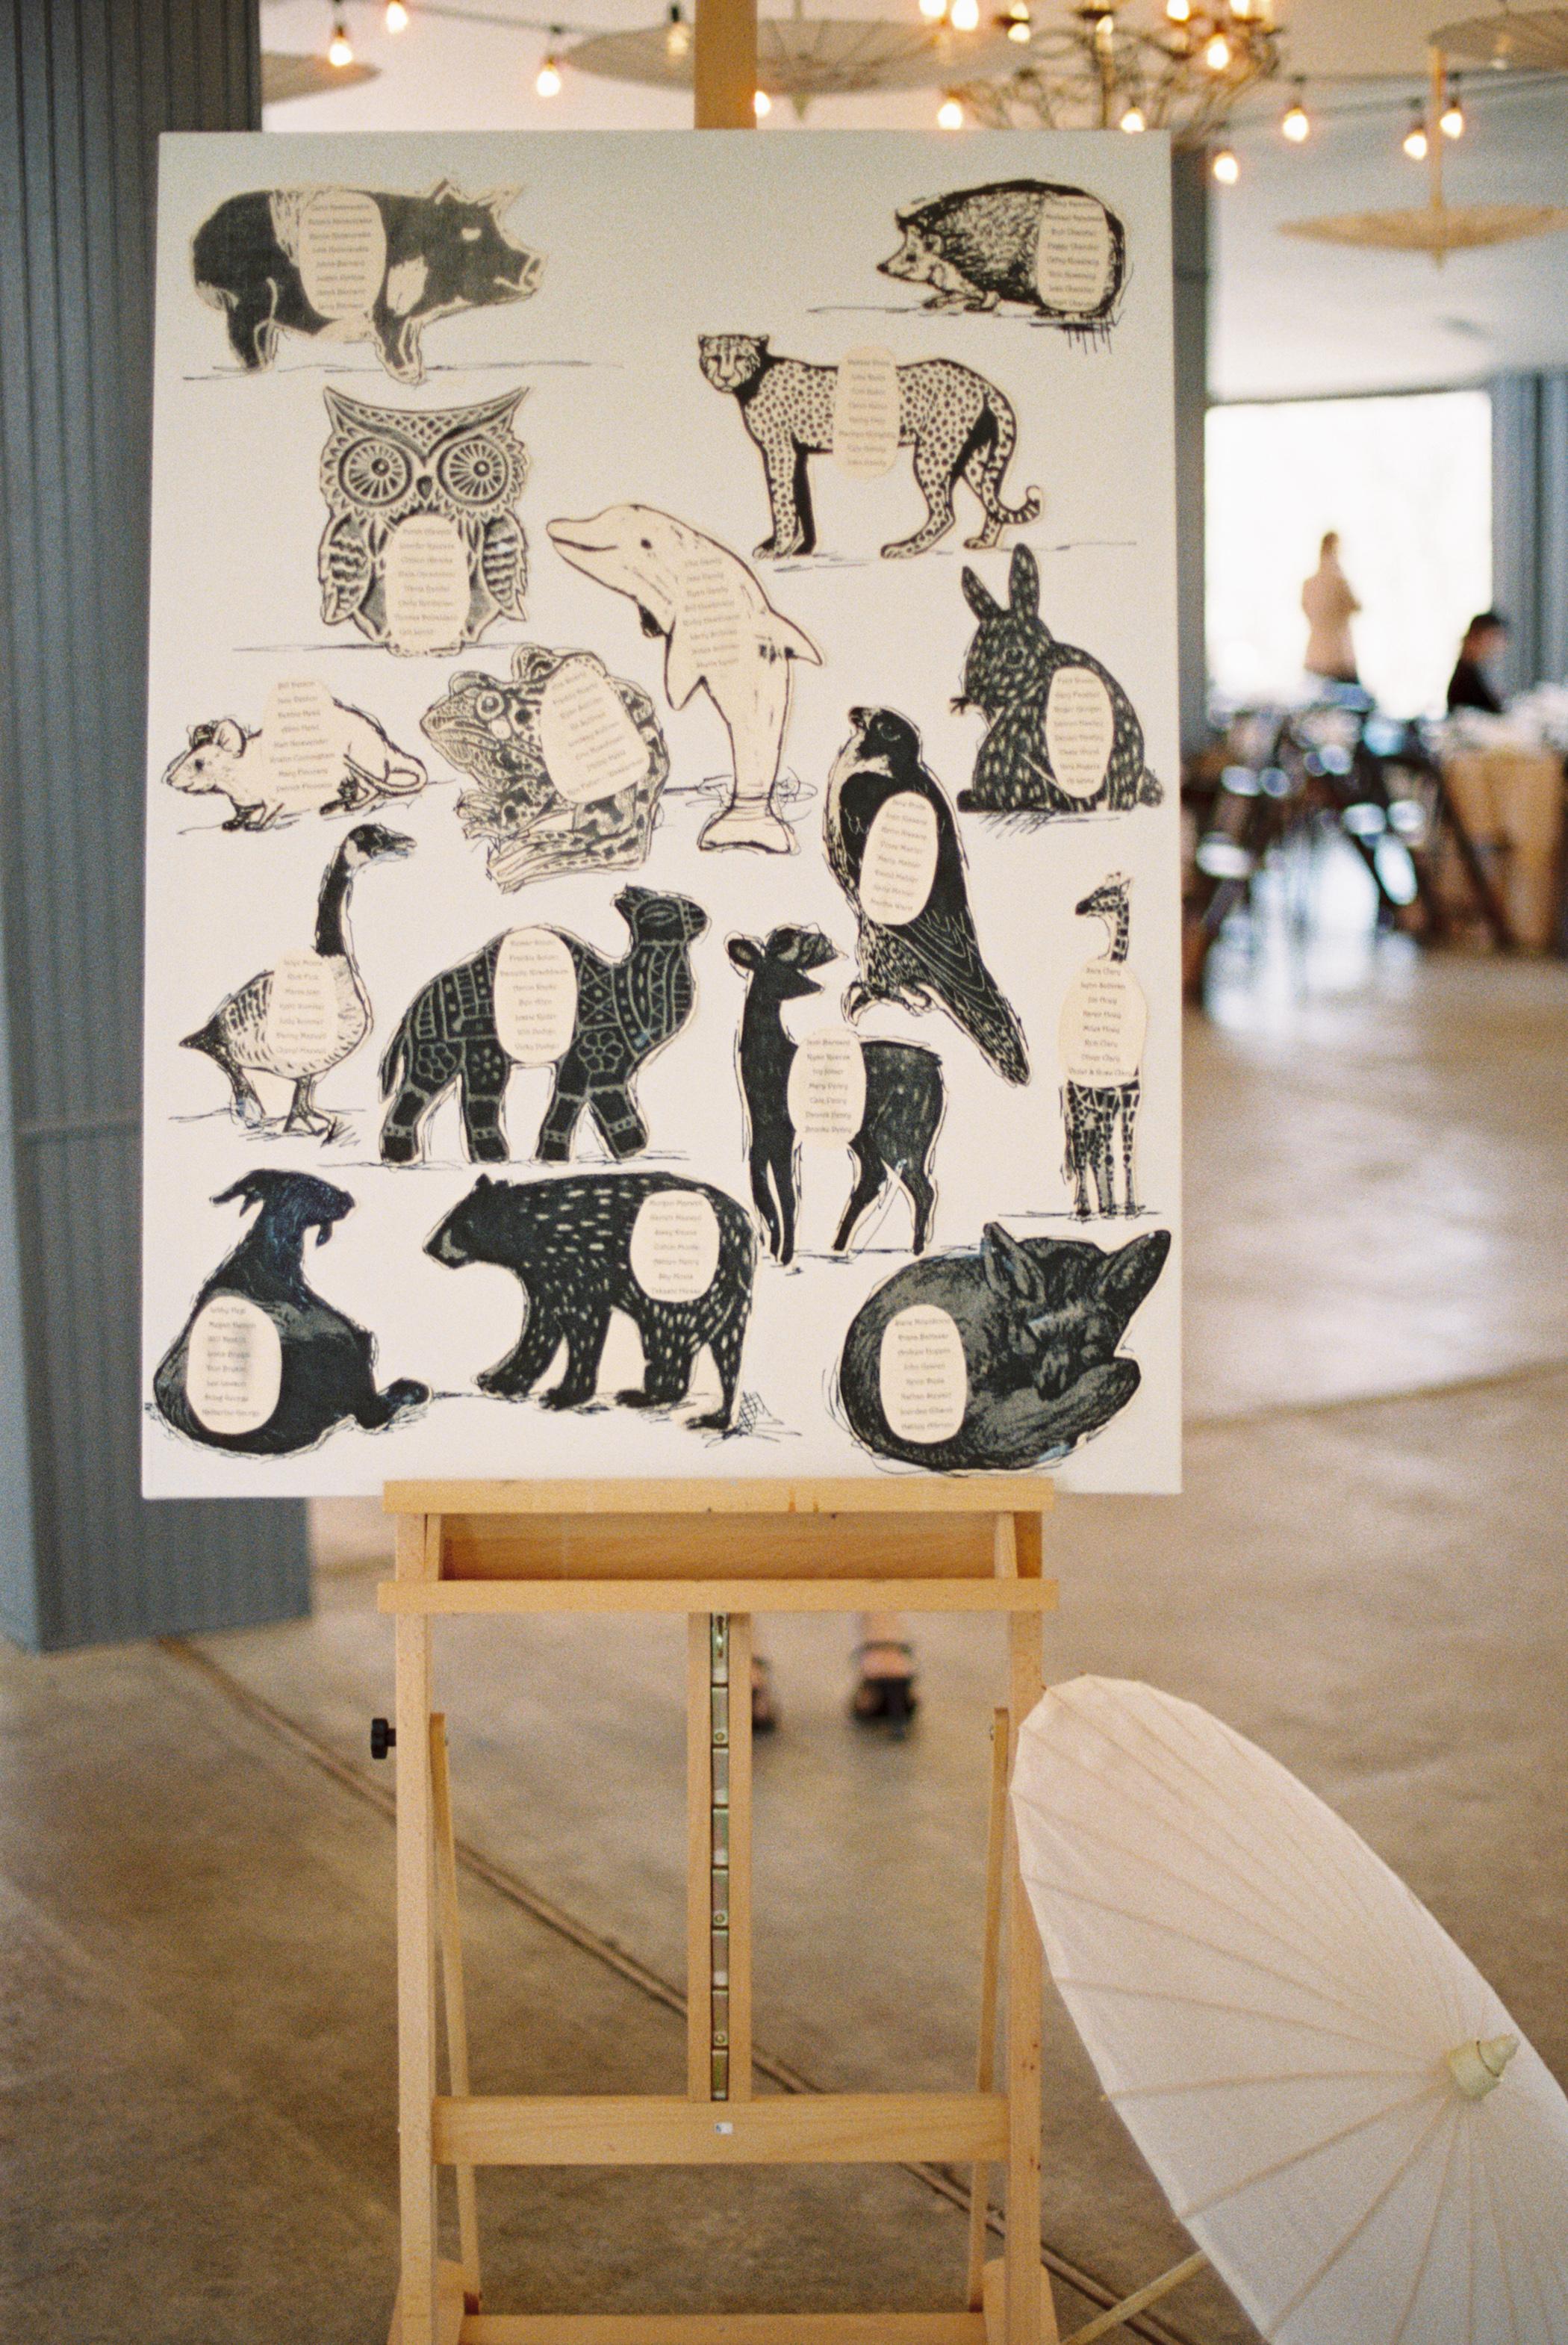 animal seating display